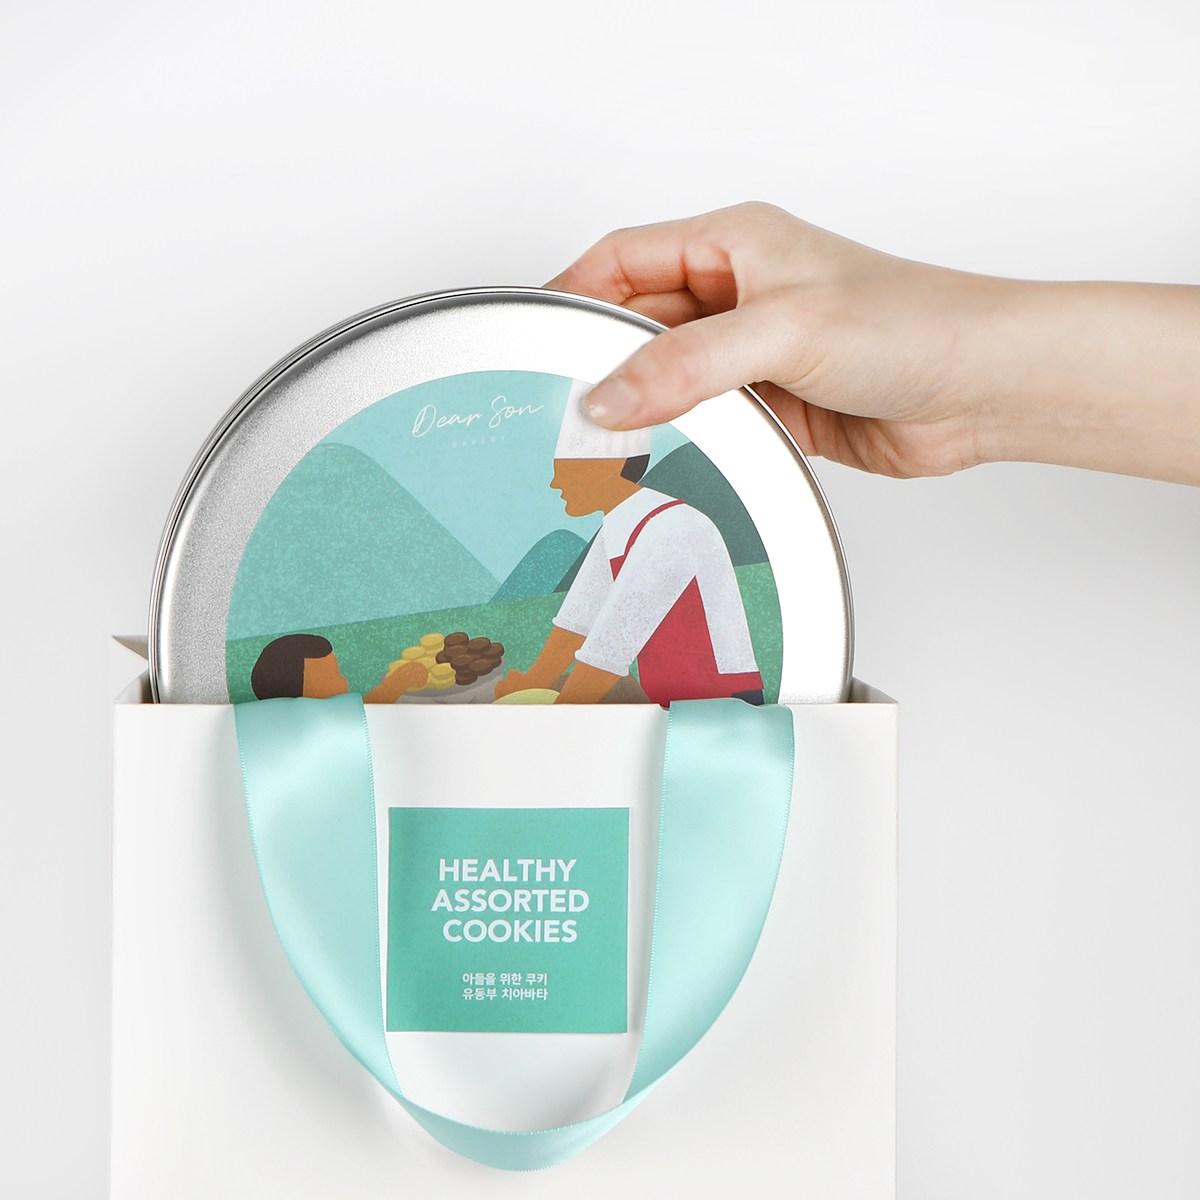 유동부 치아바타 건강한 수제 쿠키 선물 세트 벌크 대용량 500g (버터 아몬드 초코), 1통+쇼핑백